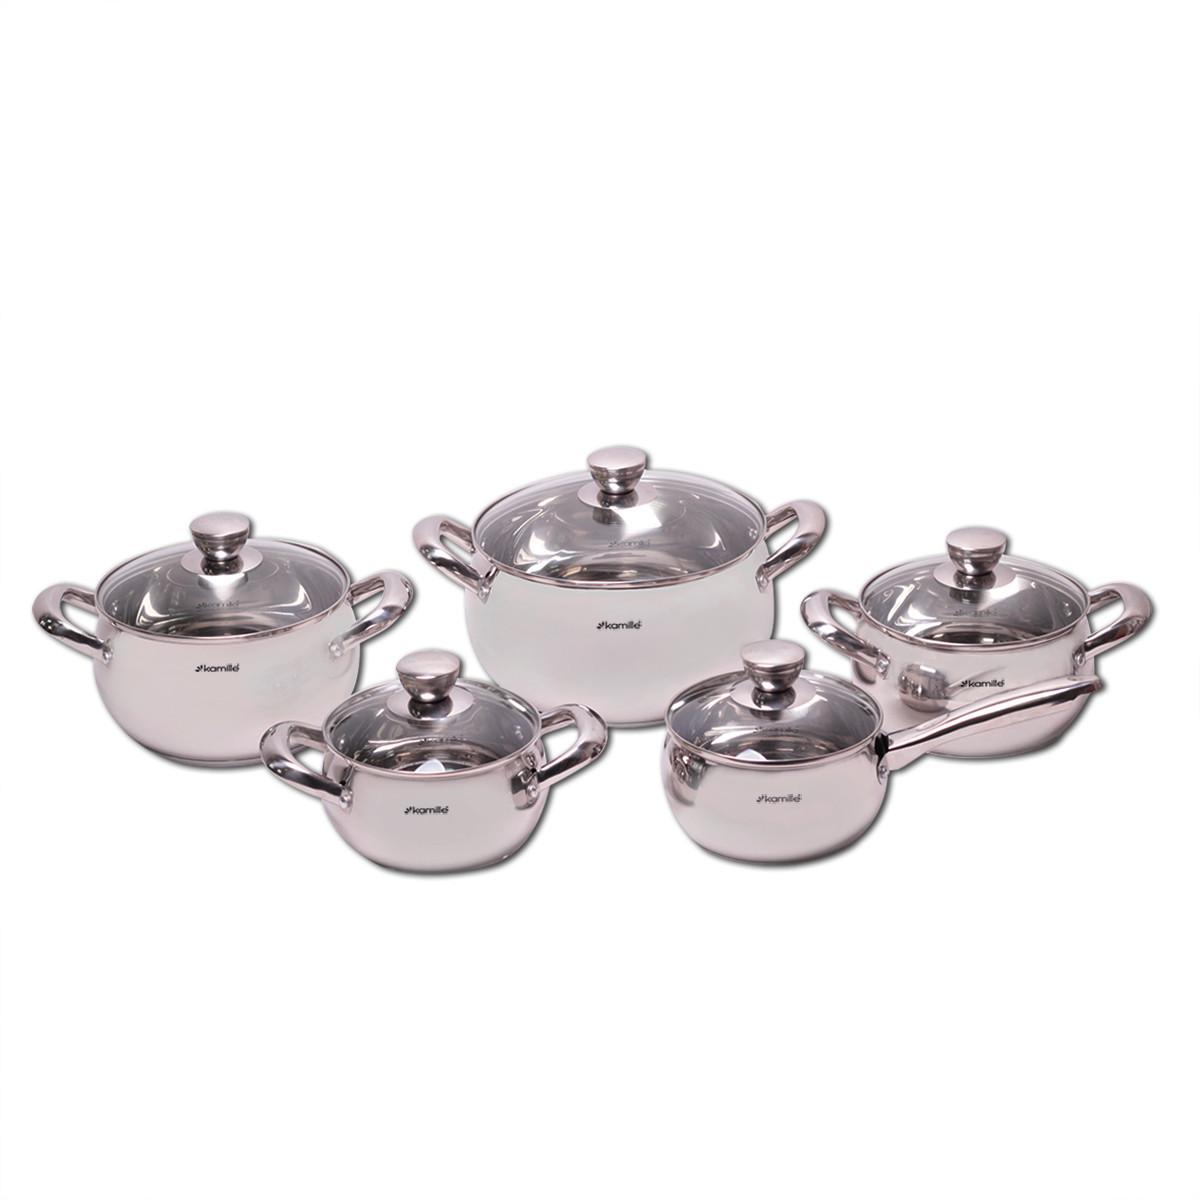 Набор посуды 10 предметов (2.1л, 2.9л, 4.1л, 6.7л, ковш 2.1л) из нержавеющей стали